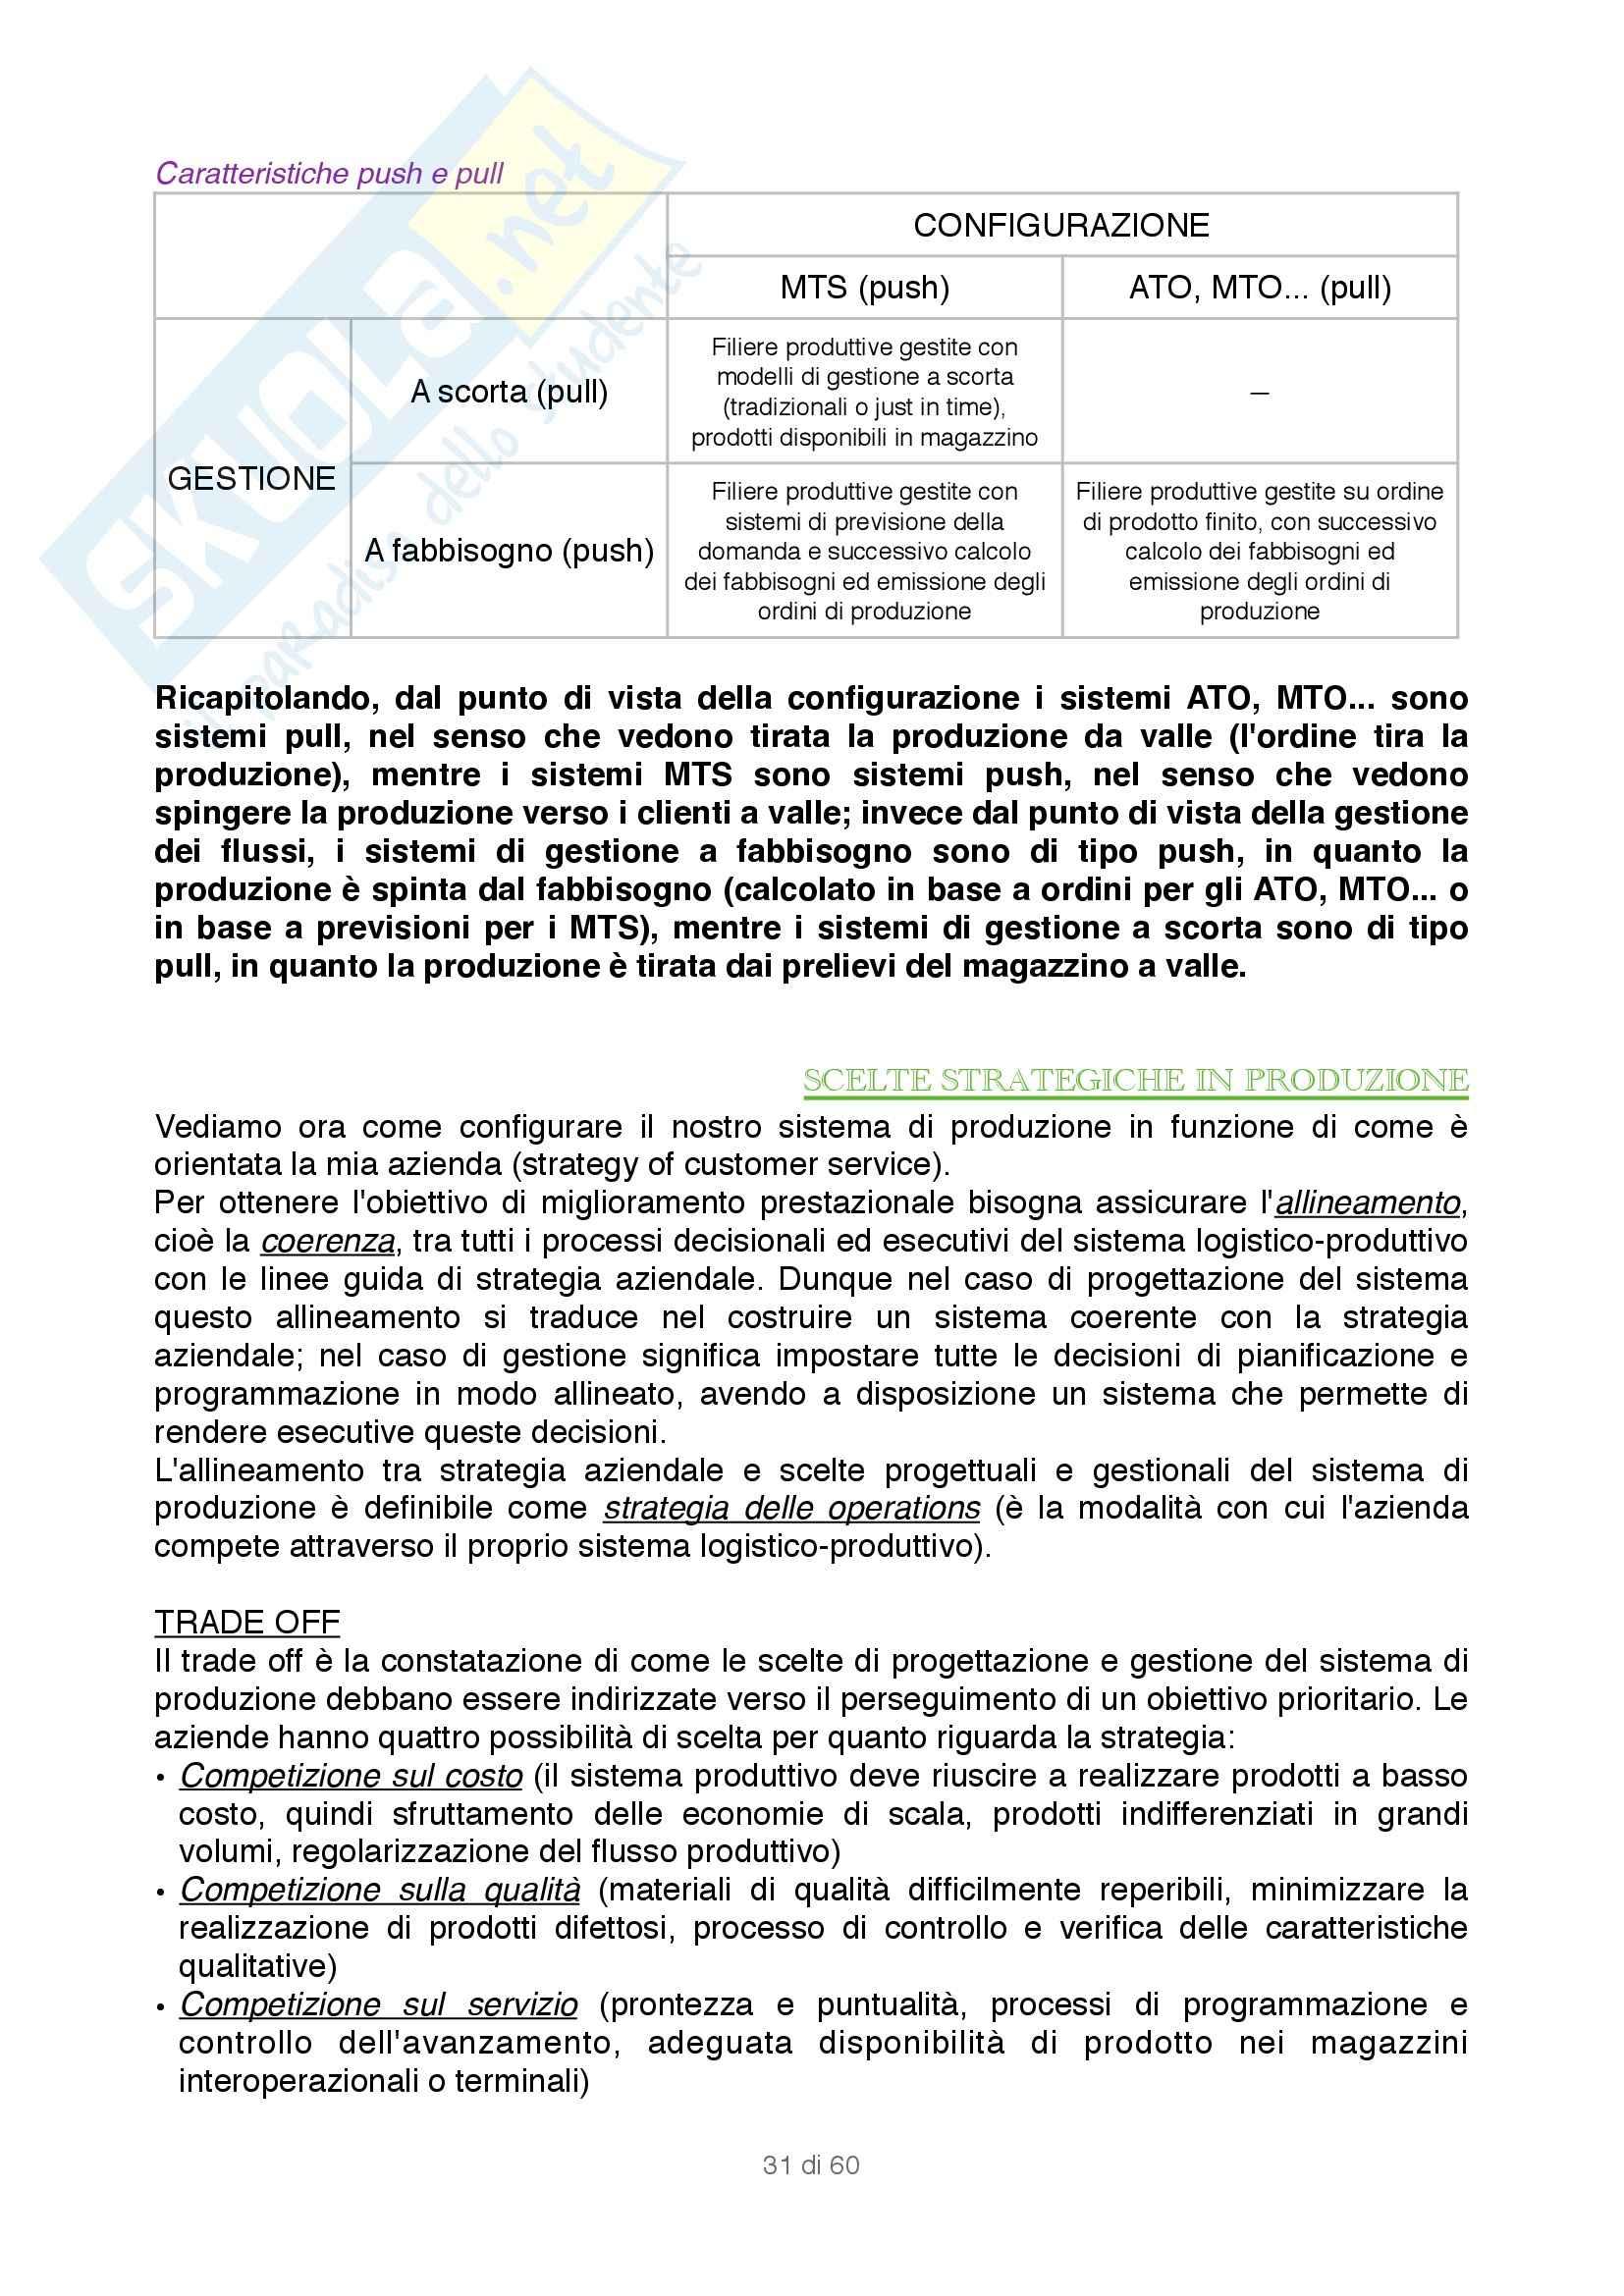 Appunti di Gestione dei sistemi logistici e produttivi : Gestione del sistema di produzione Pag. 31